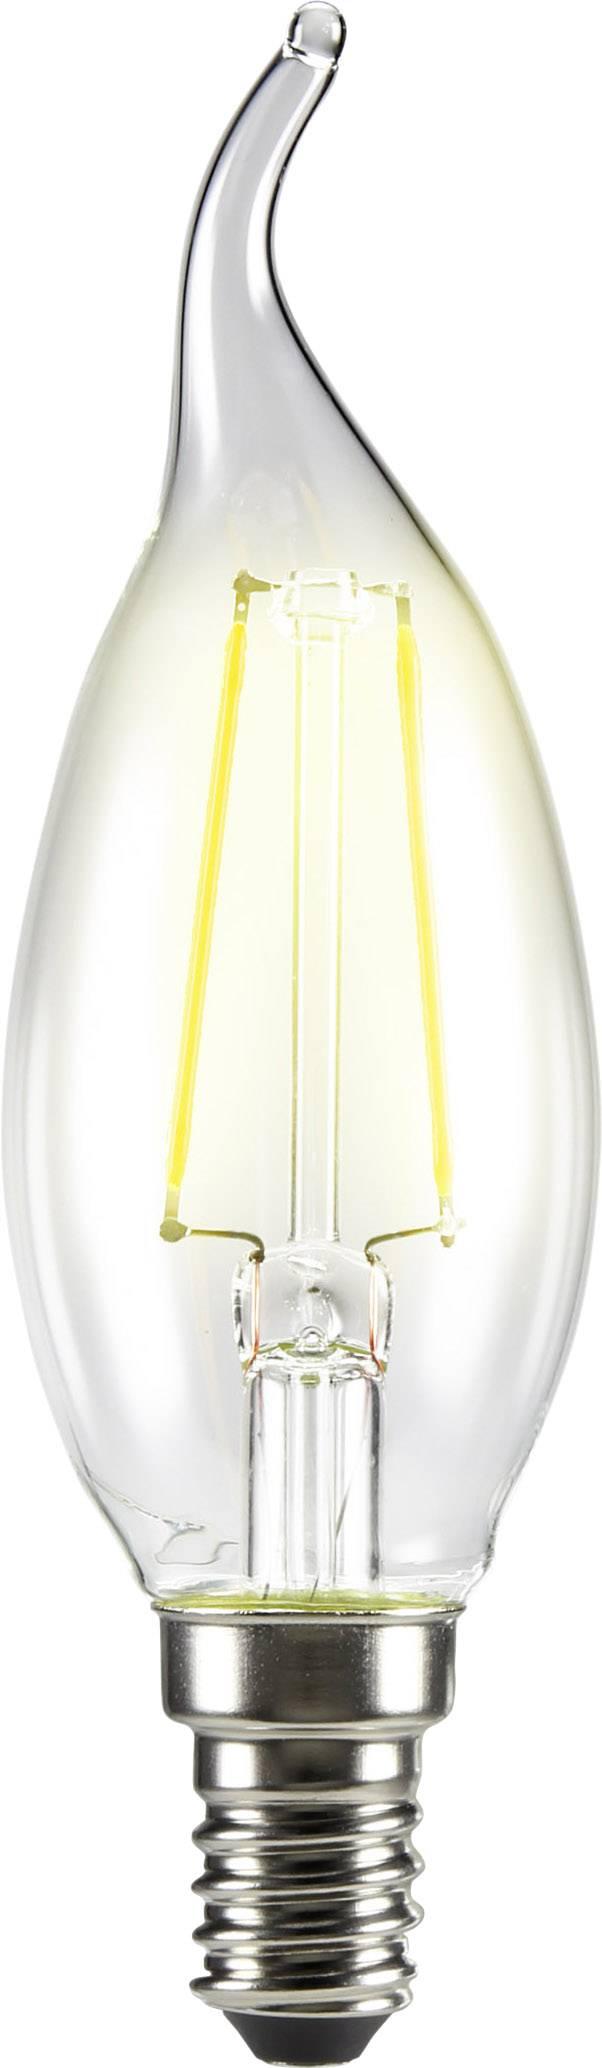 LED žárovka Sygonix 1376689 230 V, E14, 2 W = 25 W, teplá bílá, A++, vlákno, 1 ks